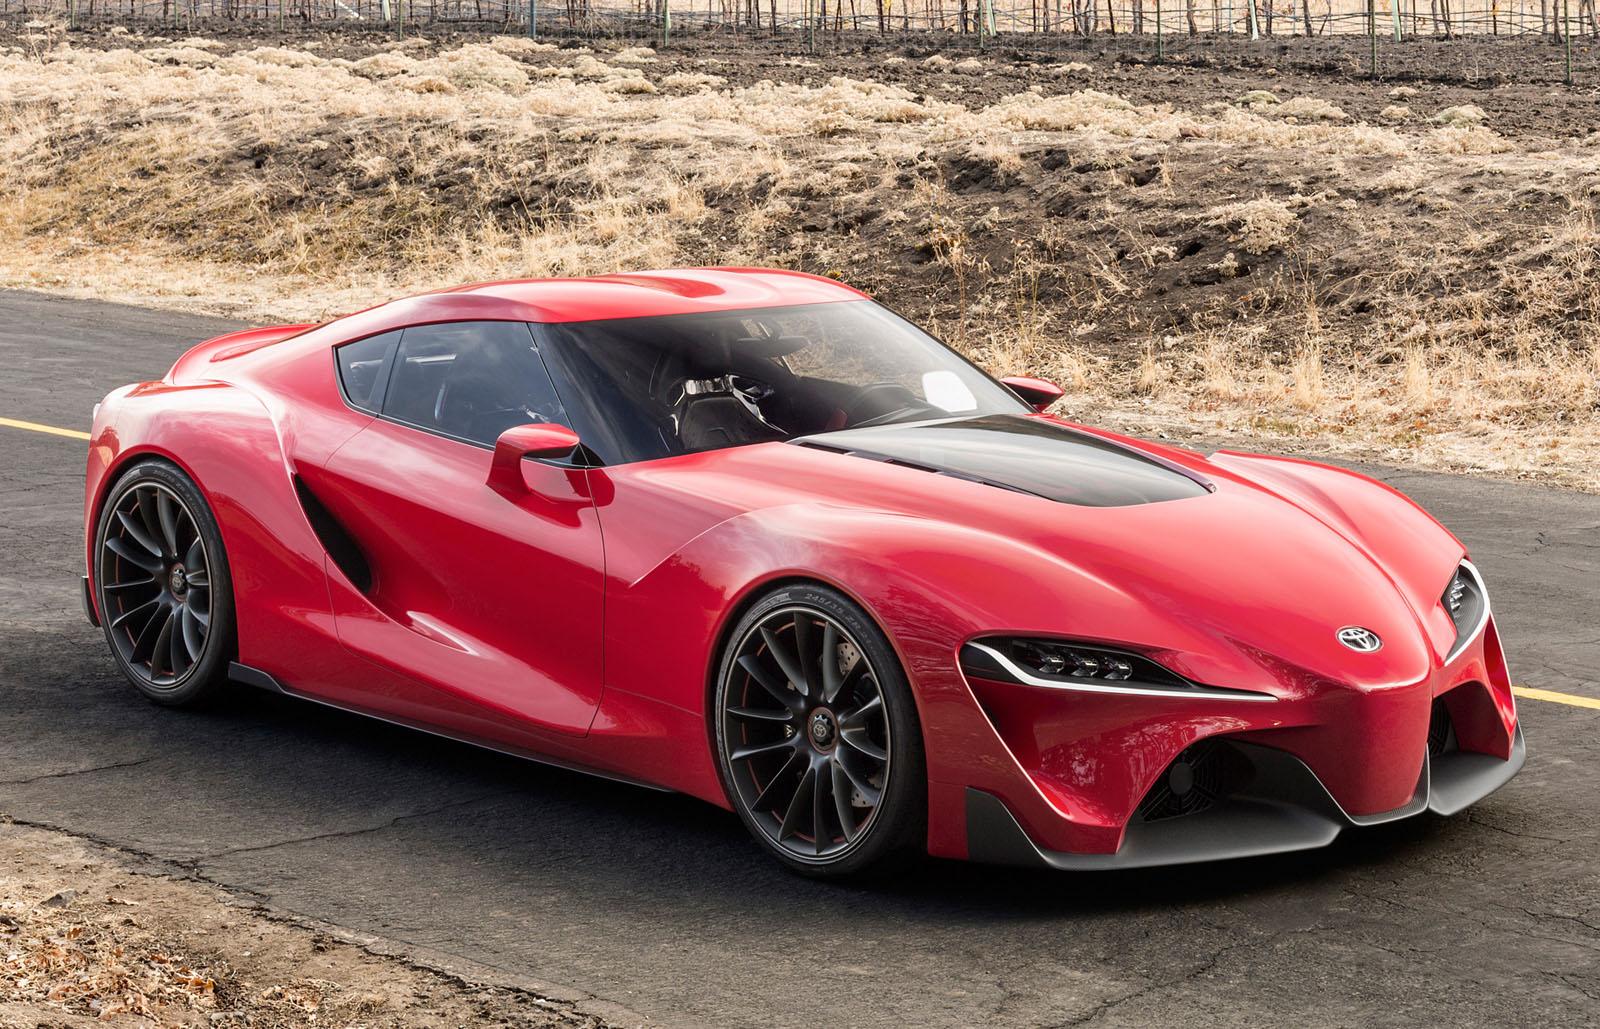 Toyota-FT-1-concept-4.jpg